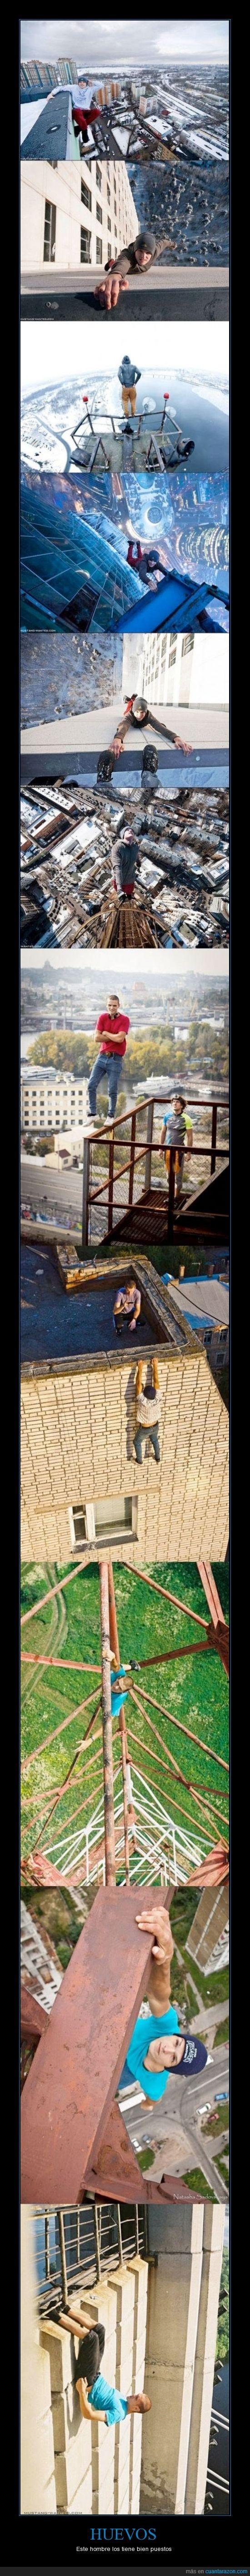 altura,colgar,hombre,peligro,vertigo